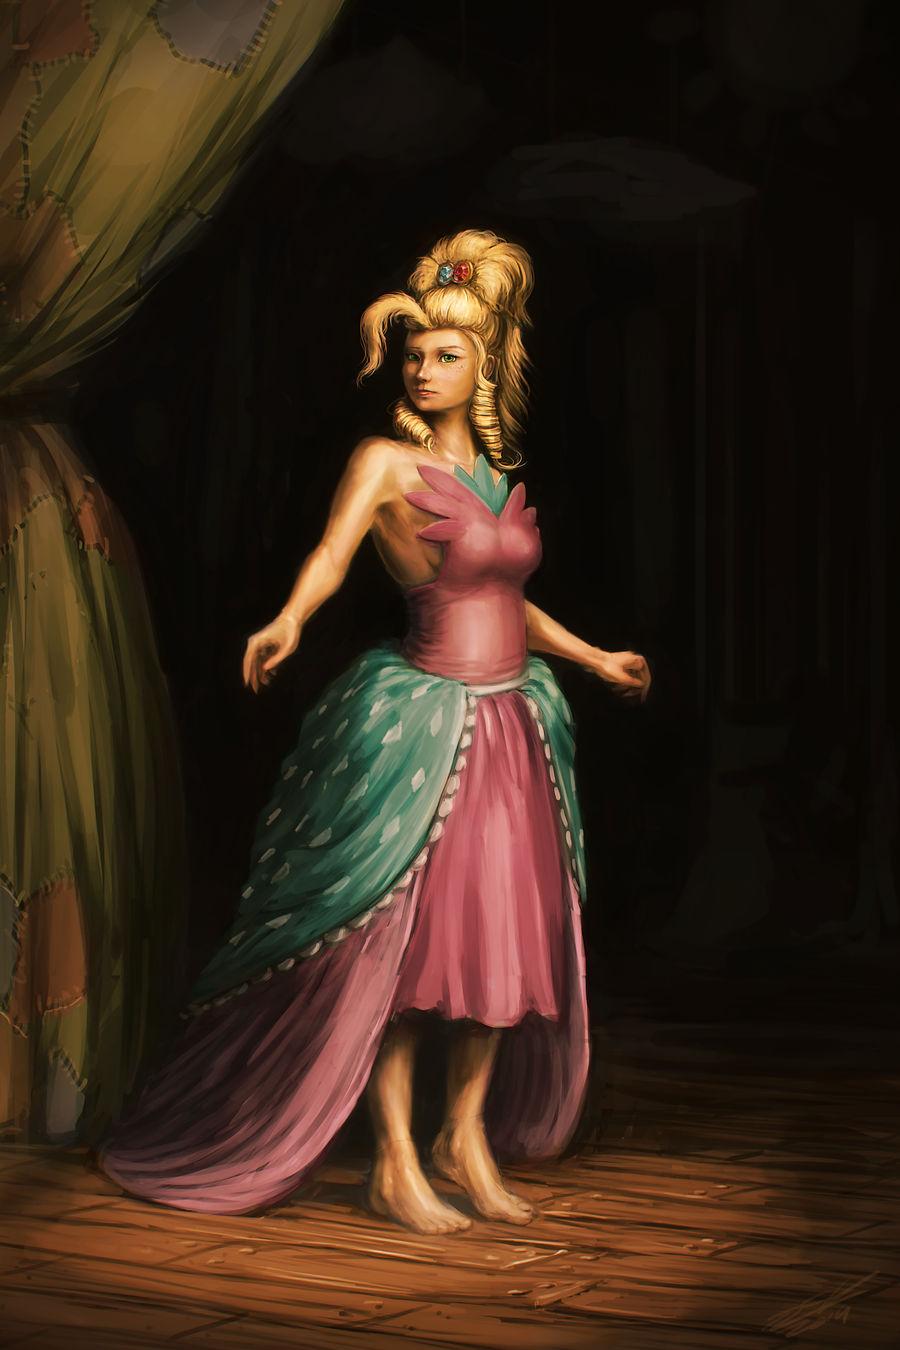 My Lady Applejewel